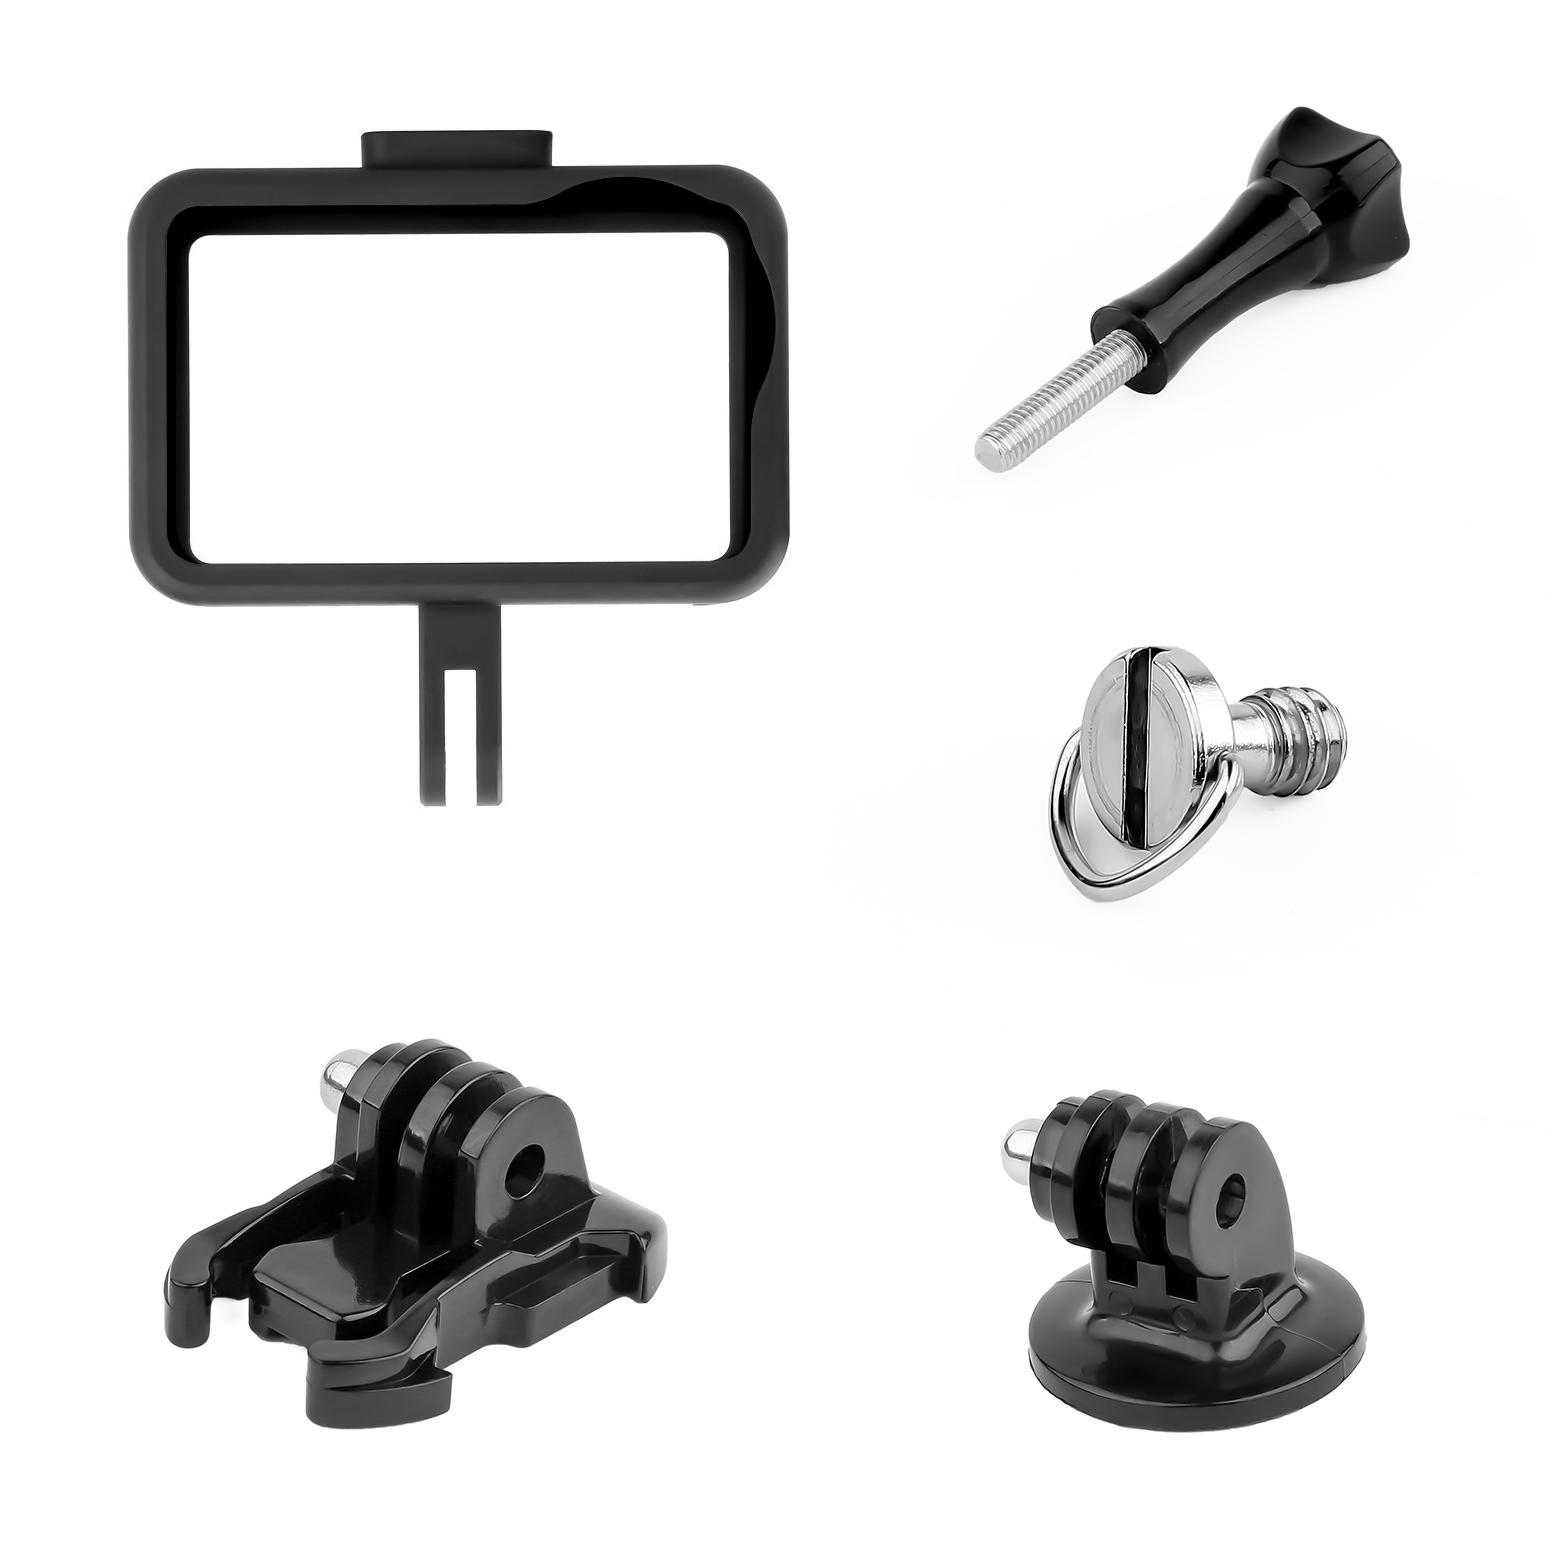 Алюминиевый сплав камера Кронштейн защитной рамы для DJI OSMO Action FPV камера - фото 12